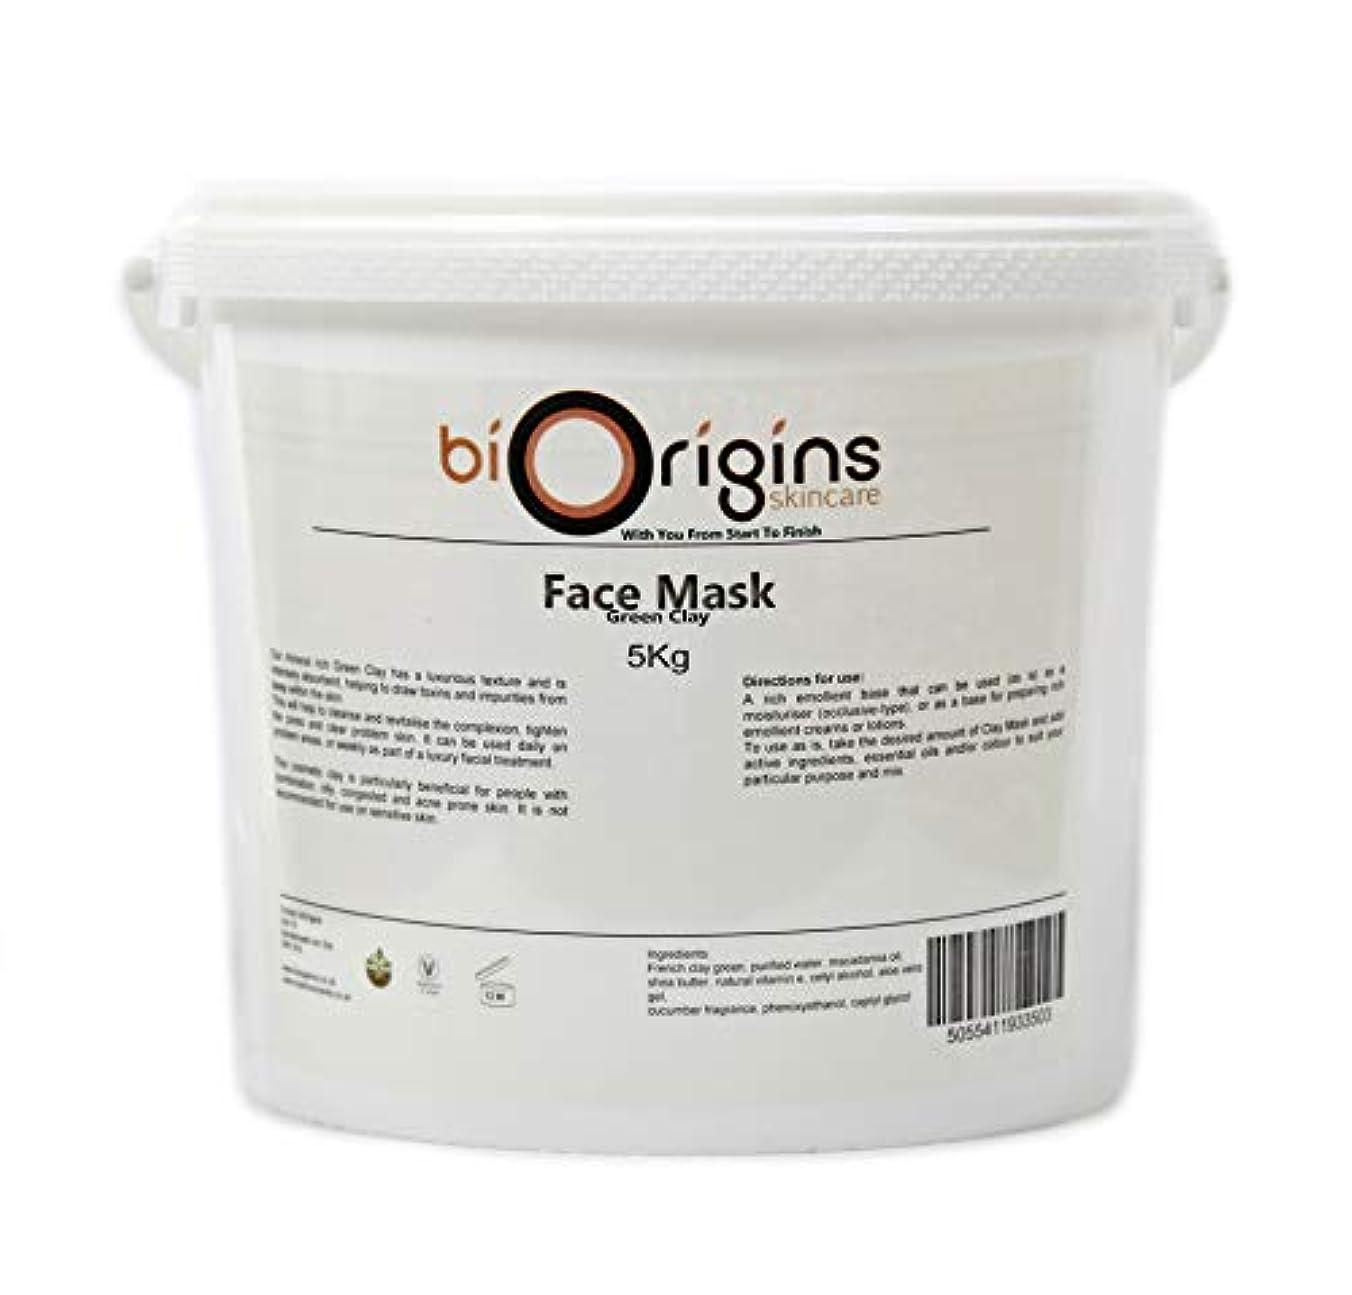 パイントフラグラント文献Face Mask - Green Clay - Botanical Skincare Base - 5Kg